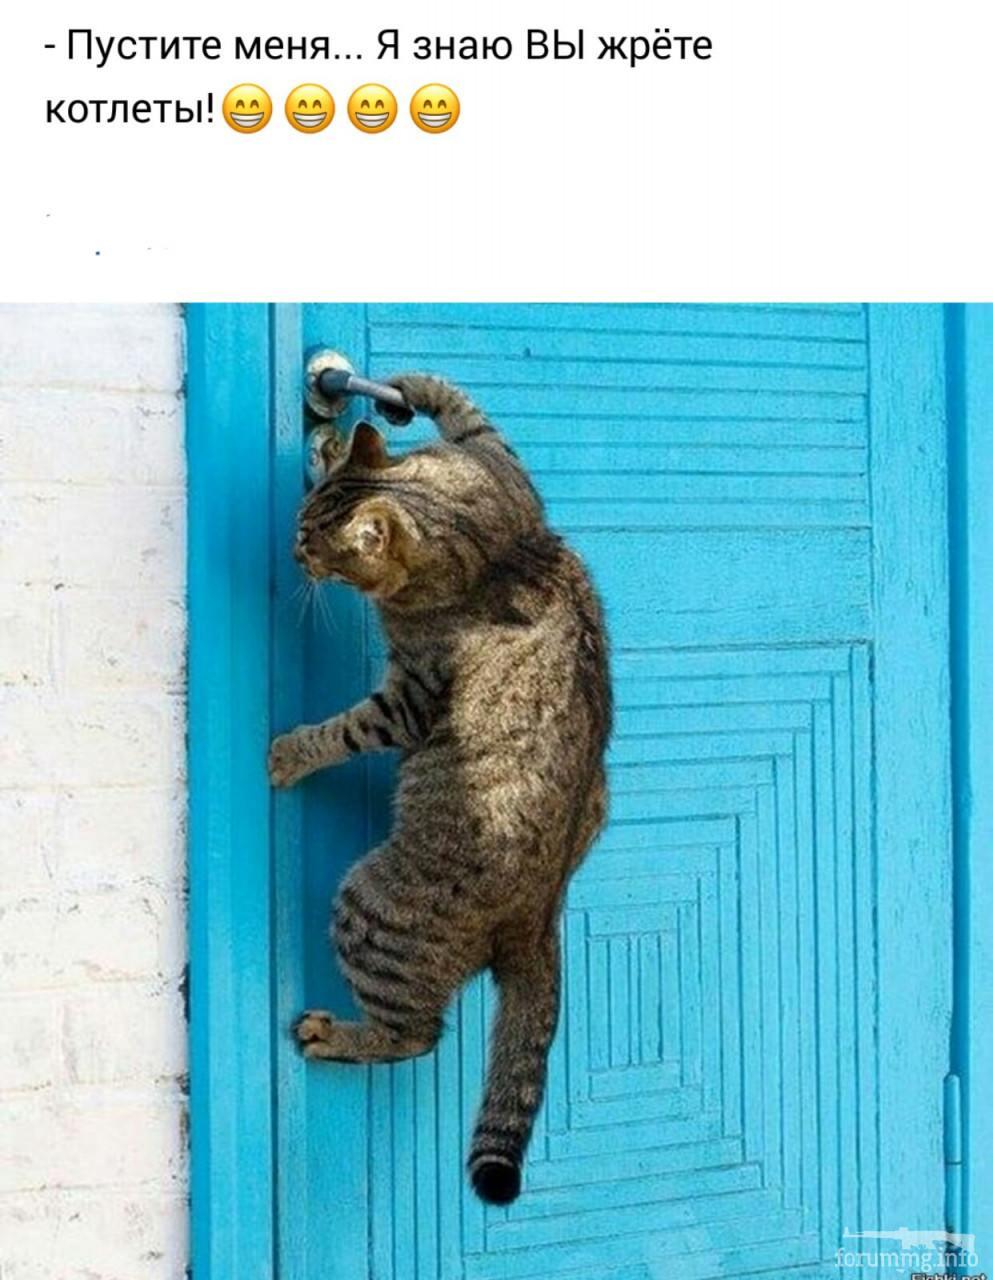 120593 - Смешные видео и фото с животными.